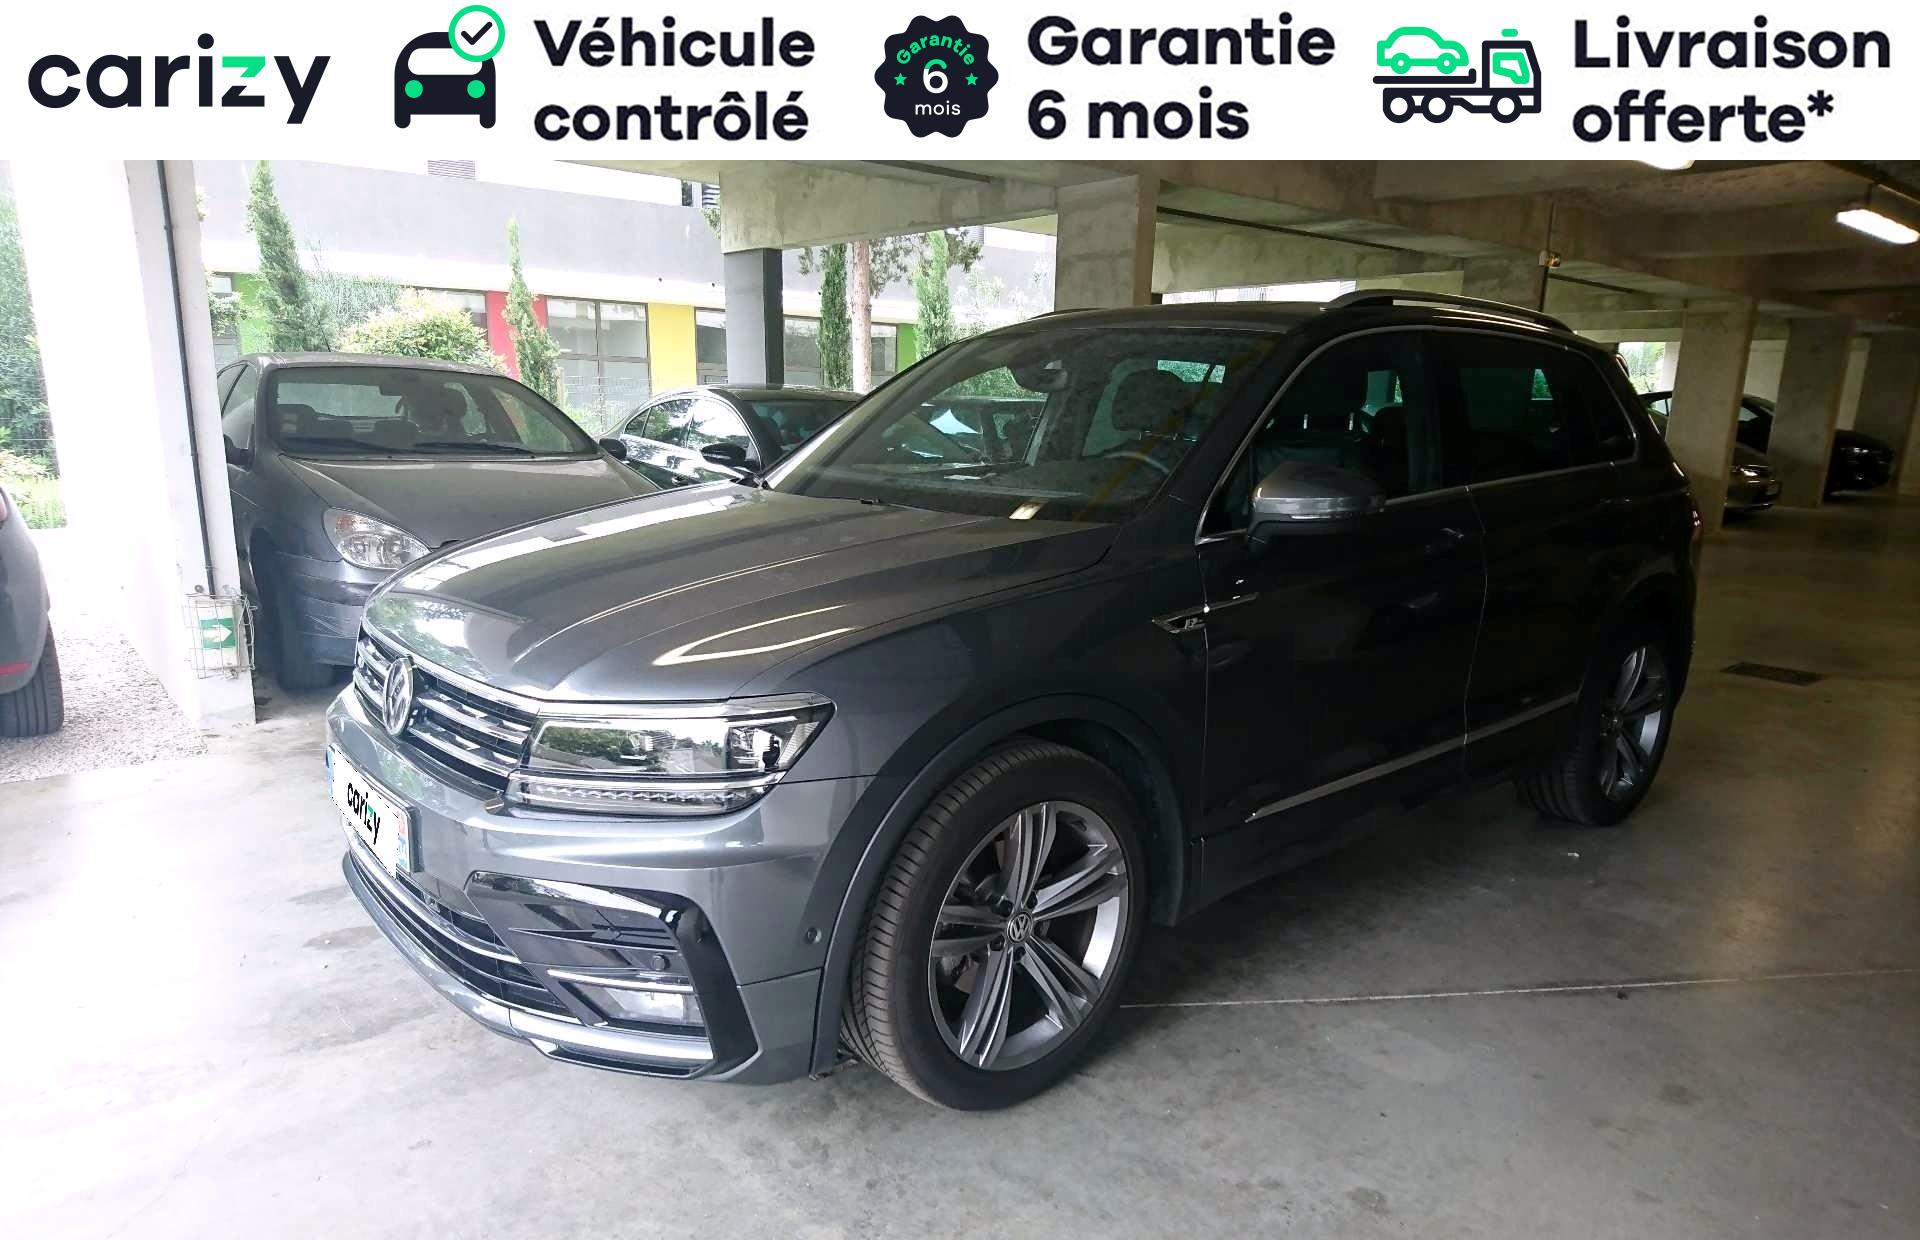 Volkswagen Tiguan 2.0 TDI 150 DSG7 2019 occasion MONTPELLIER 34080